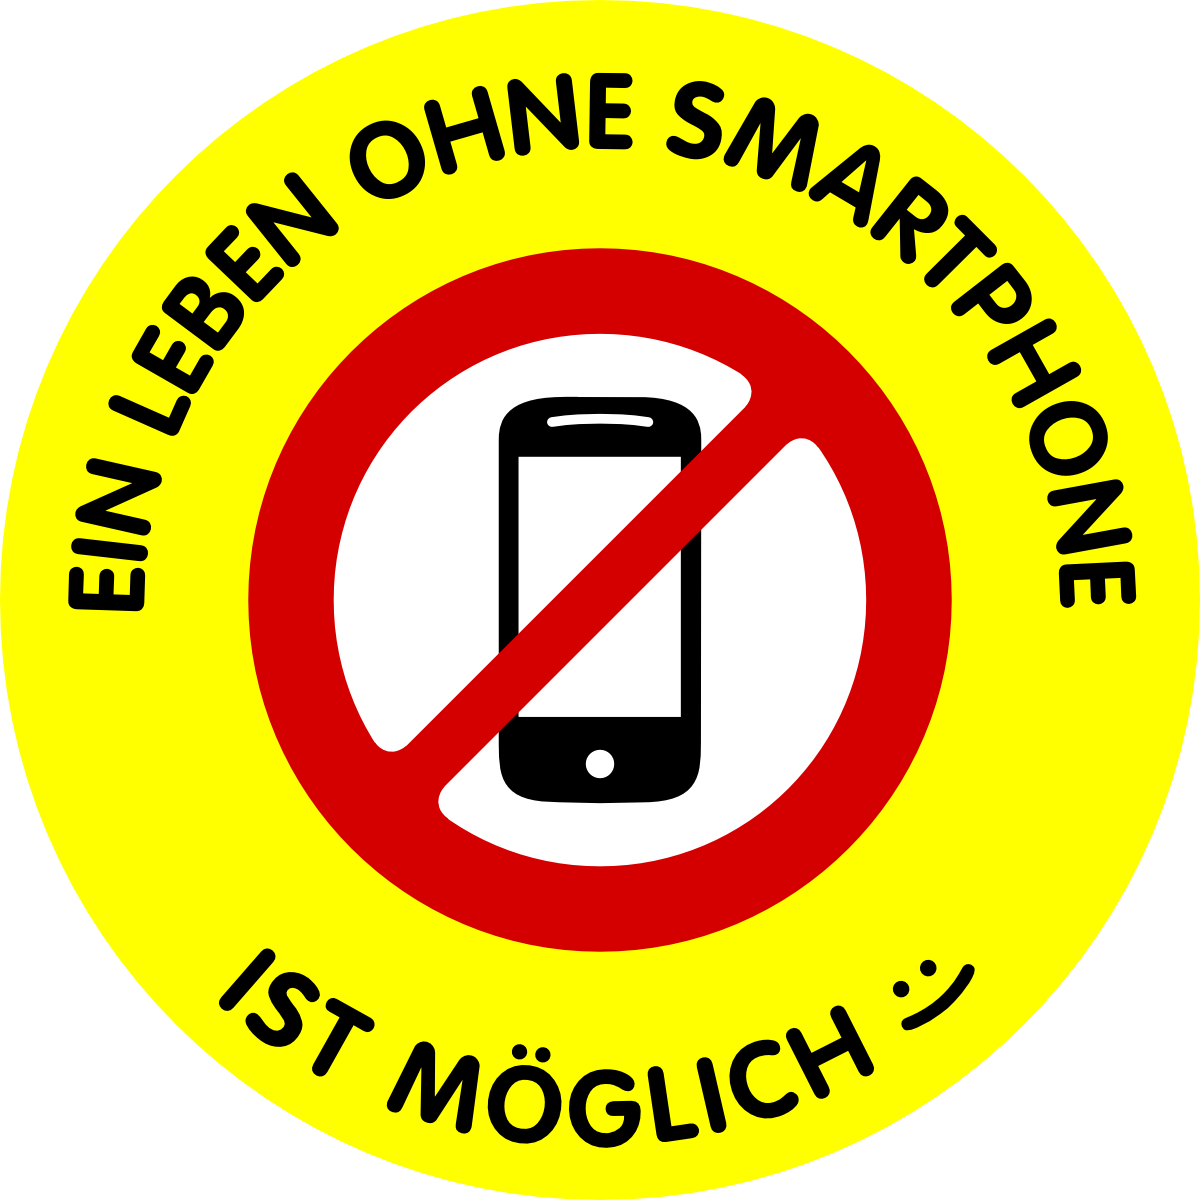 ein-leben-ohne-smartphone-ist-moeglich02